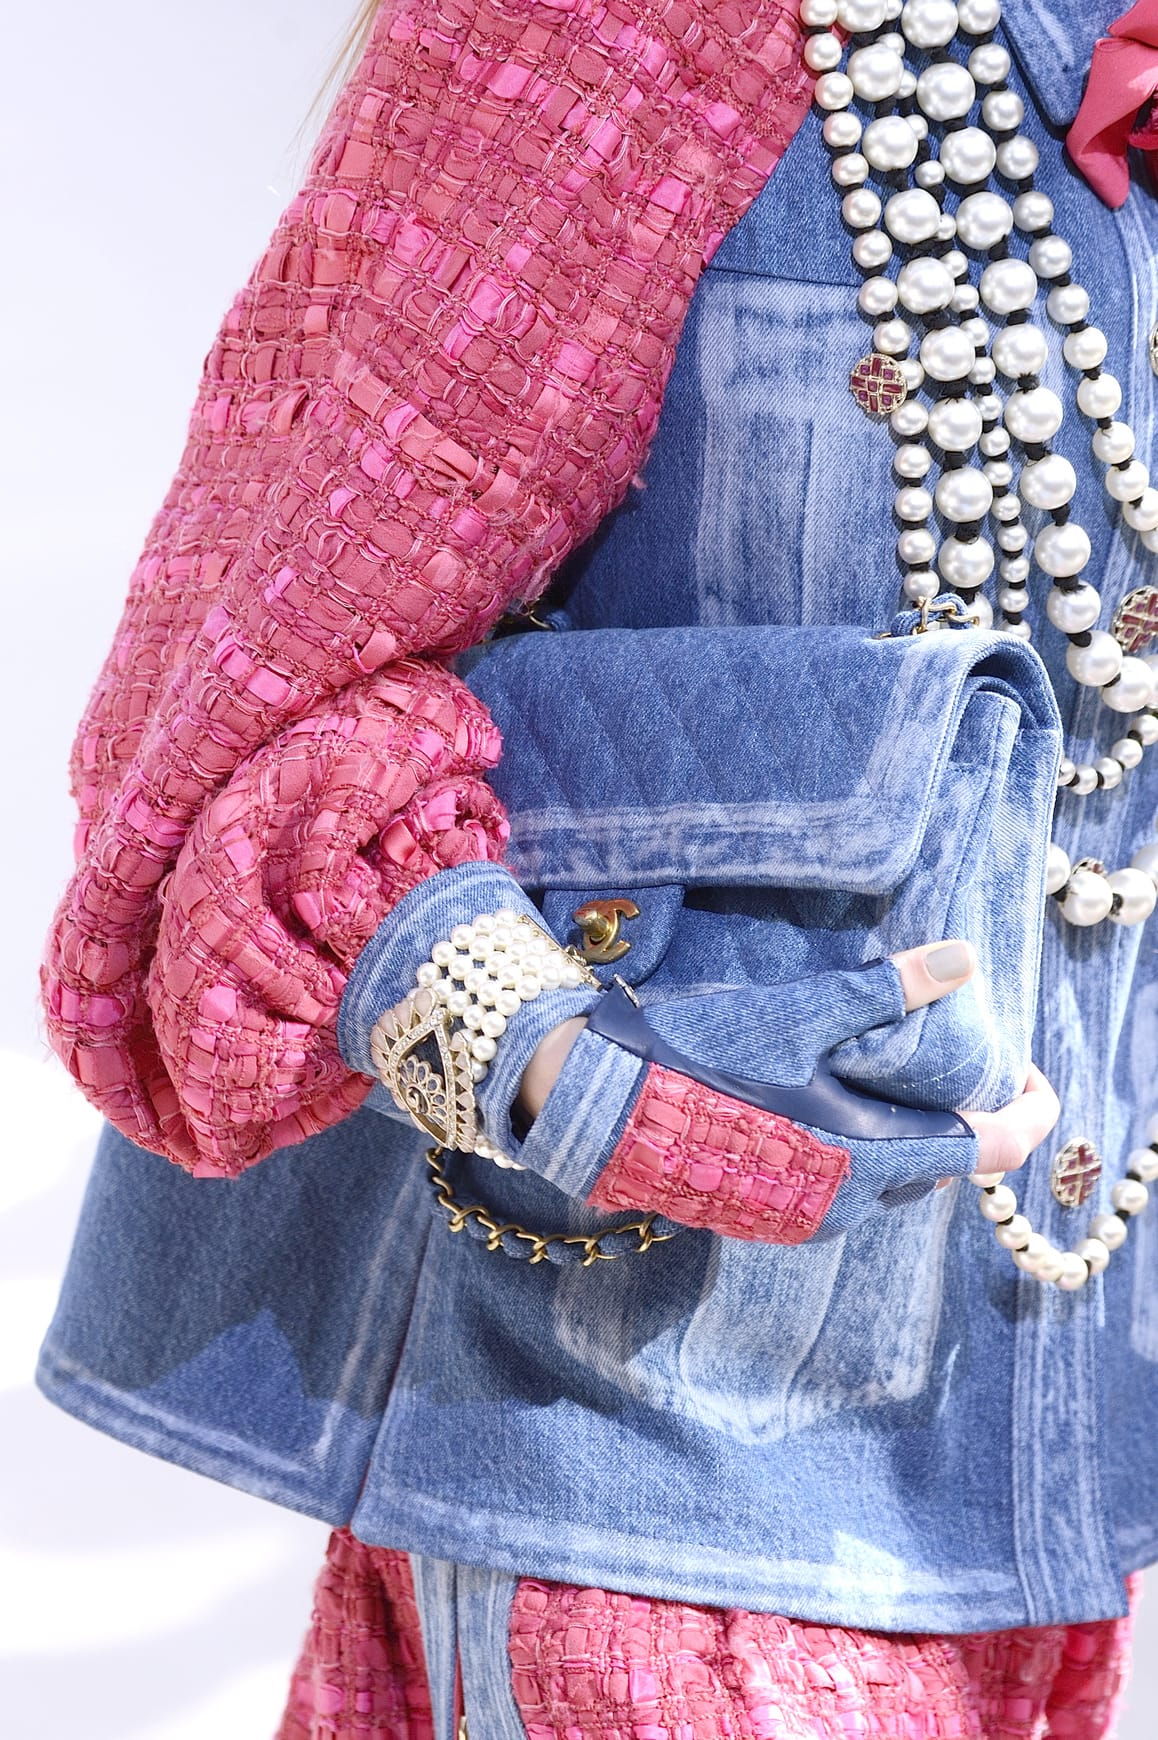 Женские сумки: 7 самых удобных и красивых сумок